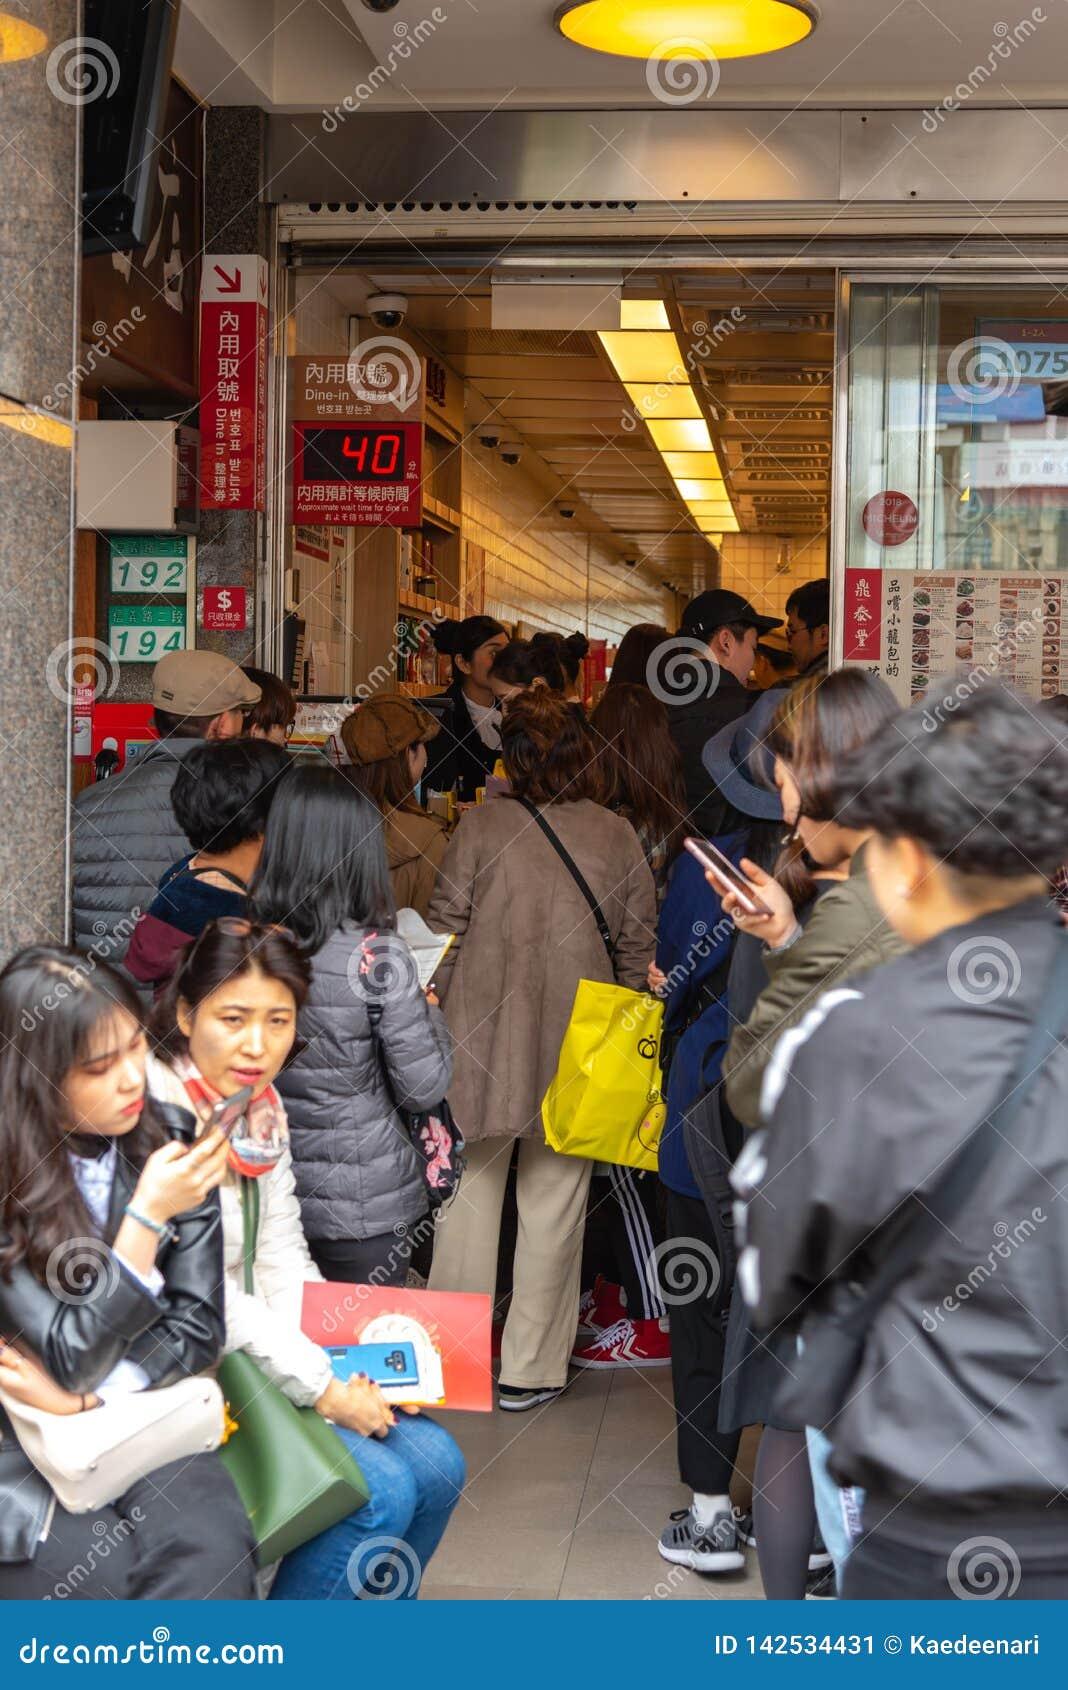 Τουρίστες που περιμένουν στη σειρά στο αρχικό εστιατόριο DIN Tai Fung mainstore στο δρόμο Xinyi Το Michelin απονεμημένο αστέρι Di